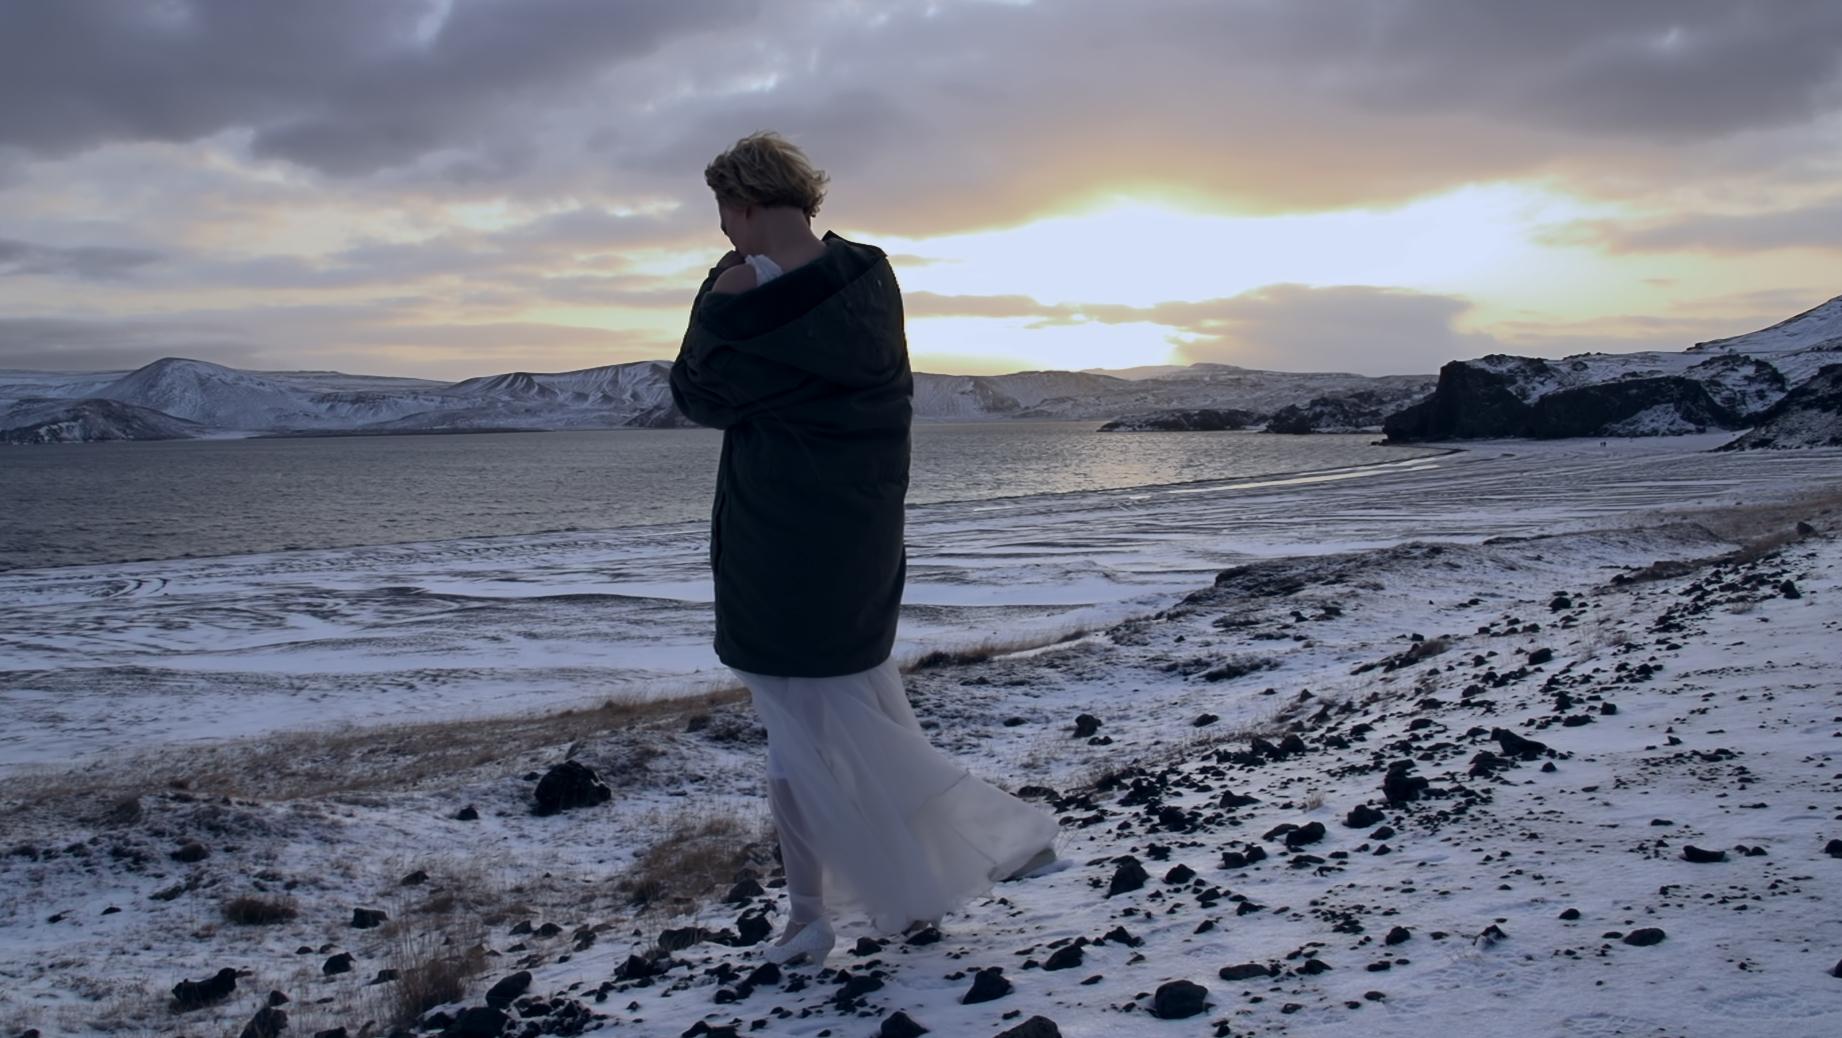 The Lack: una suggestiva immagine del film di Masbedo